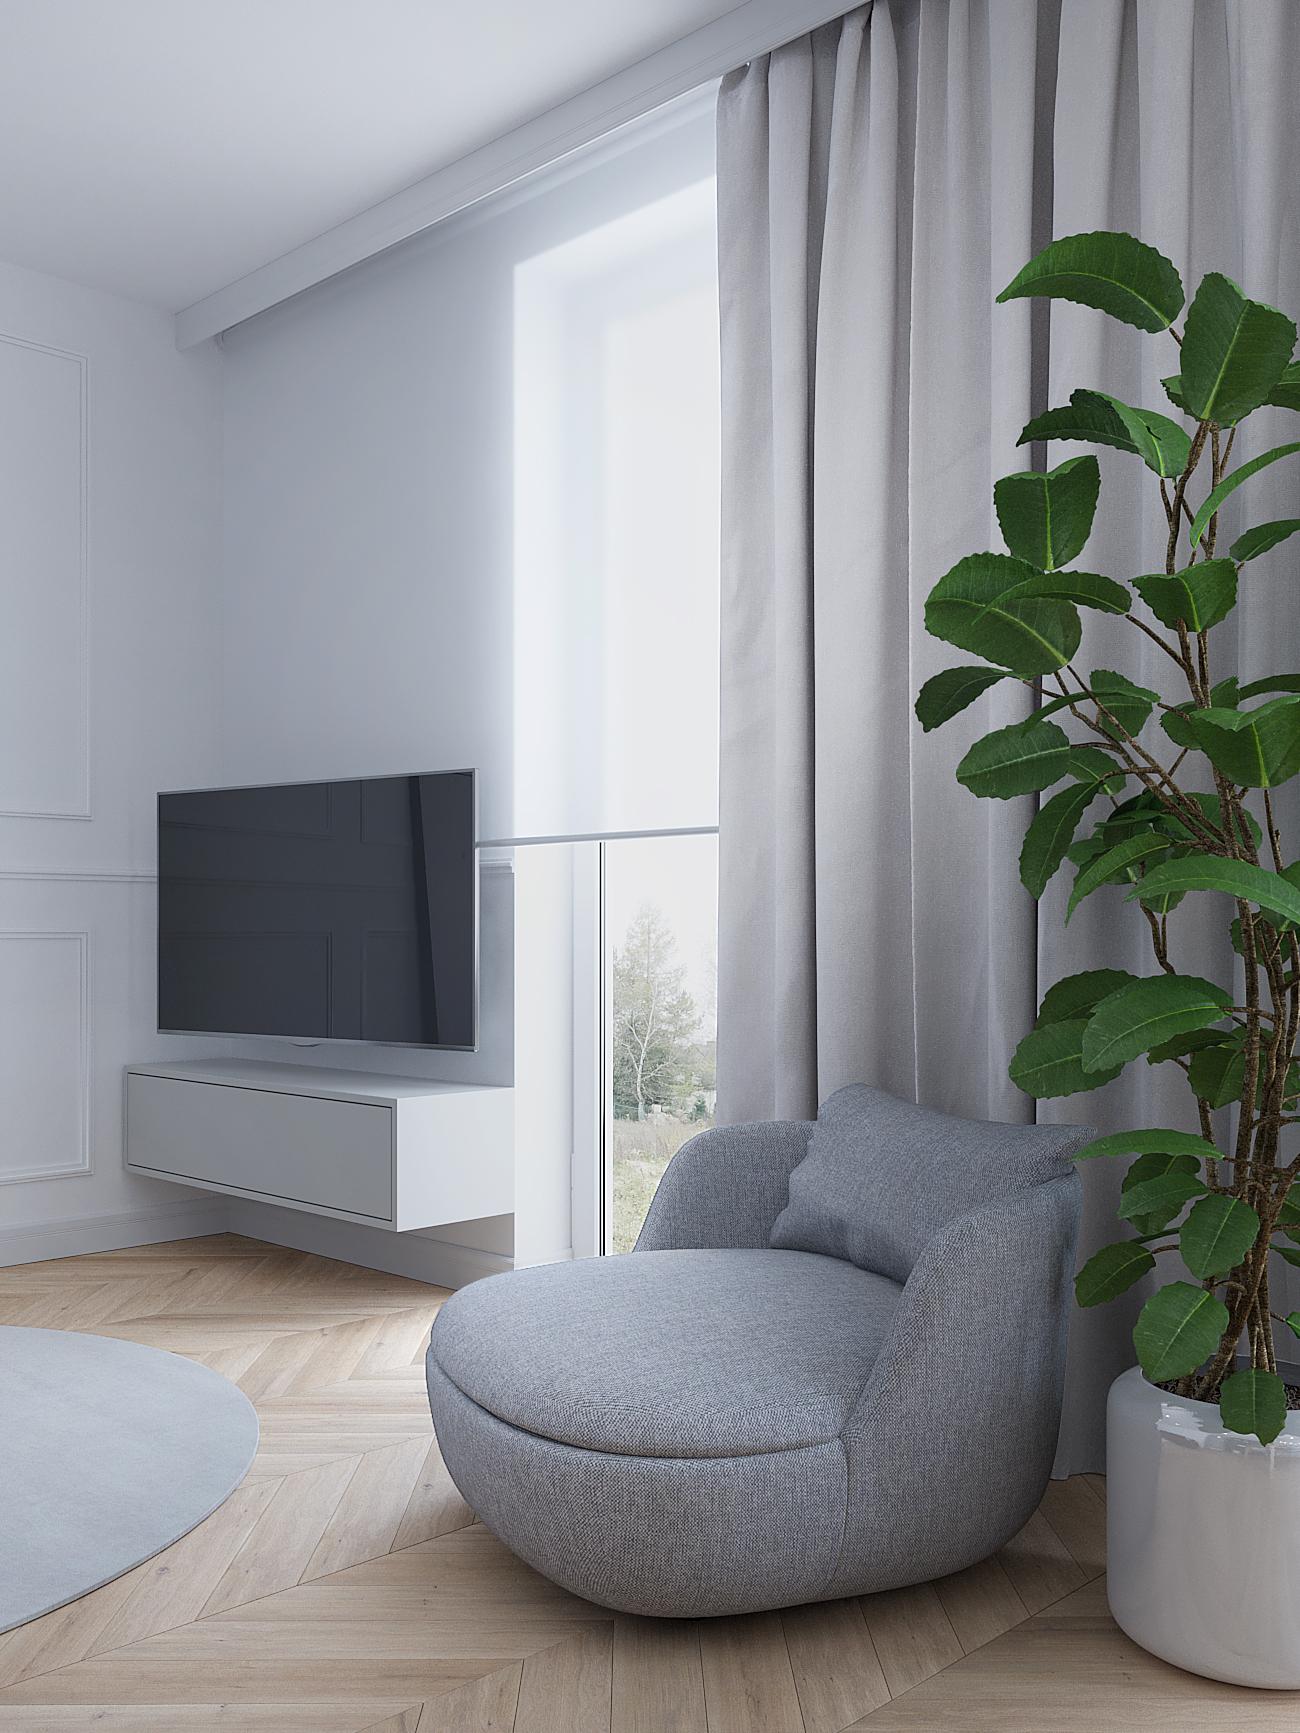 5 projektowanie wnetrz M356 mieszkanie Krakow szary fotel kwiaty w salonie szafka tv biala